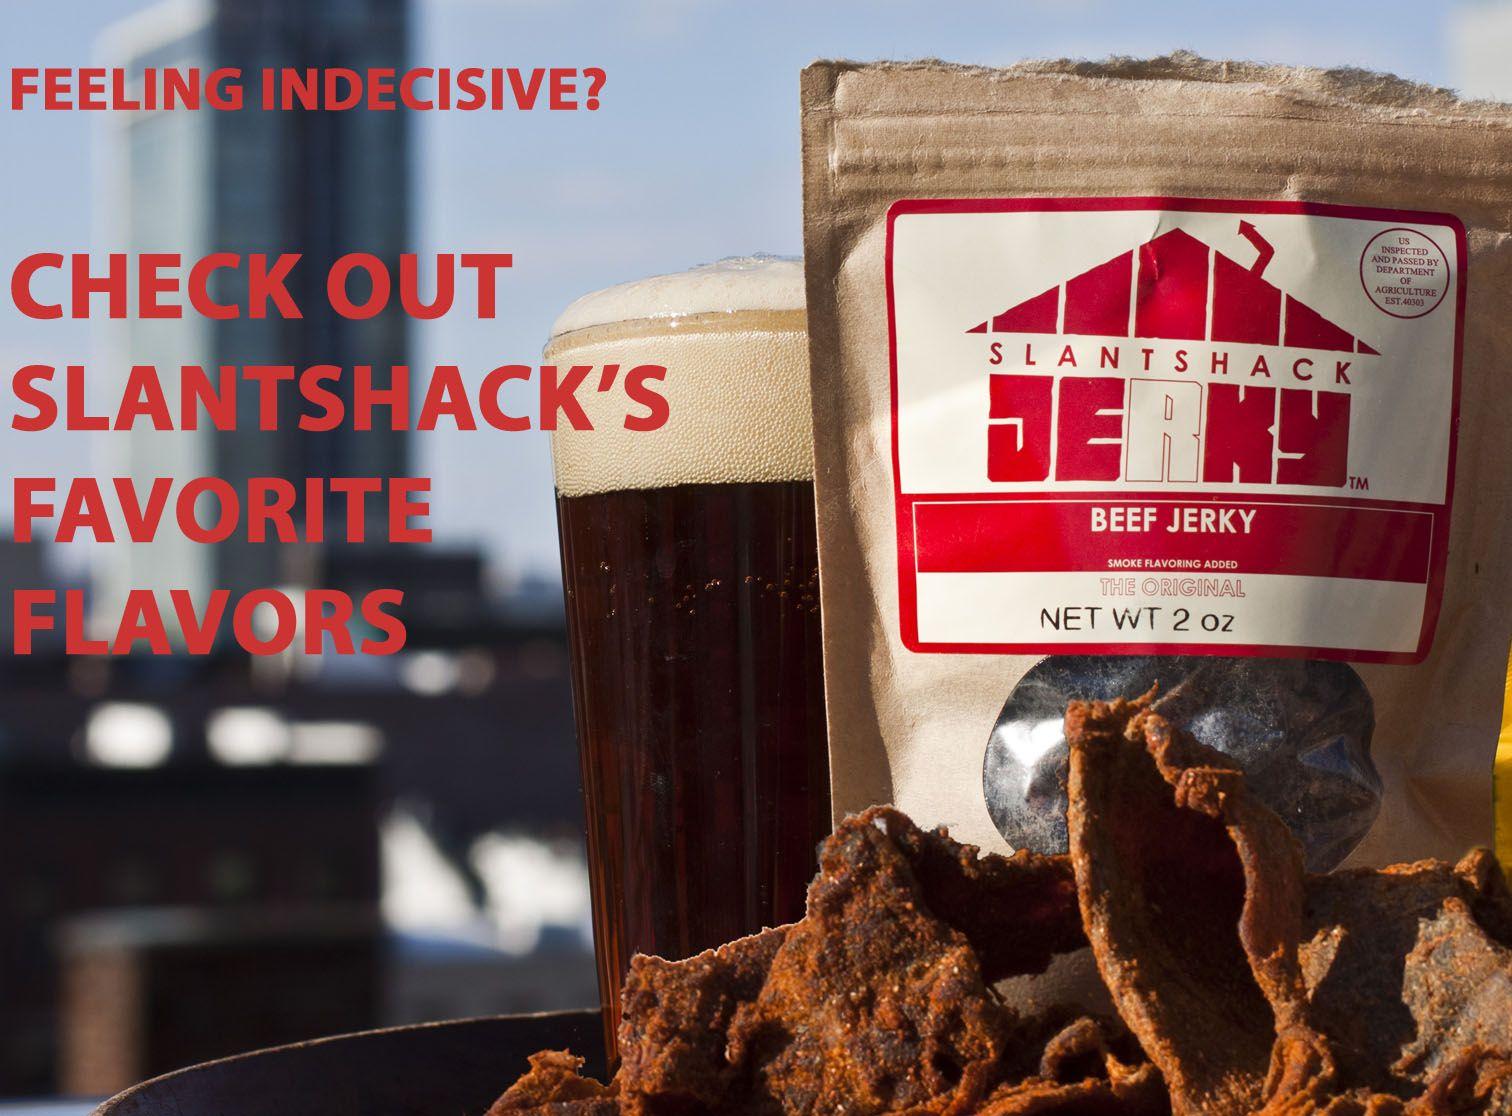 Slantshack Jerky Beef Jerky Grass Fed Beef Jerky